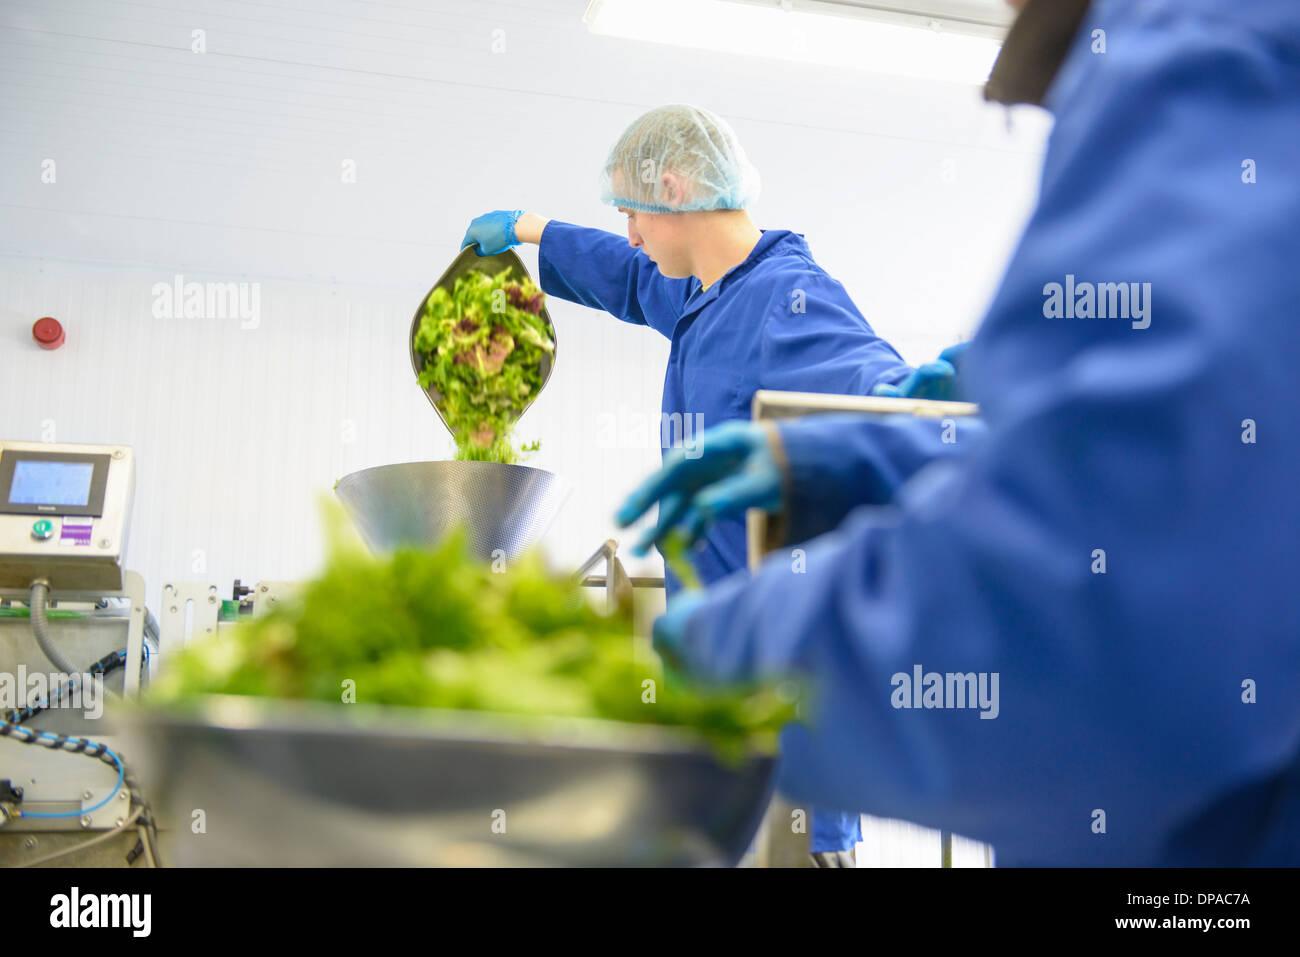 Arbeitnehmer mit einem Gewicht von gemischtem Salatblätter Stockbild